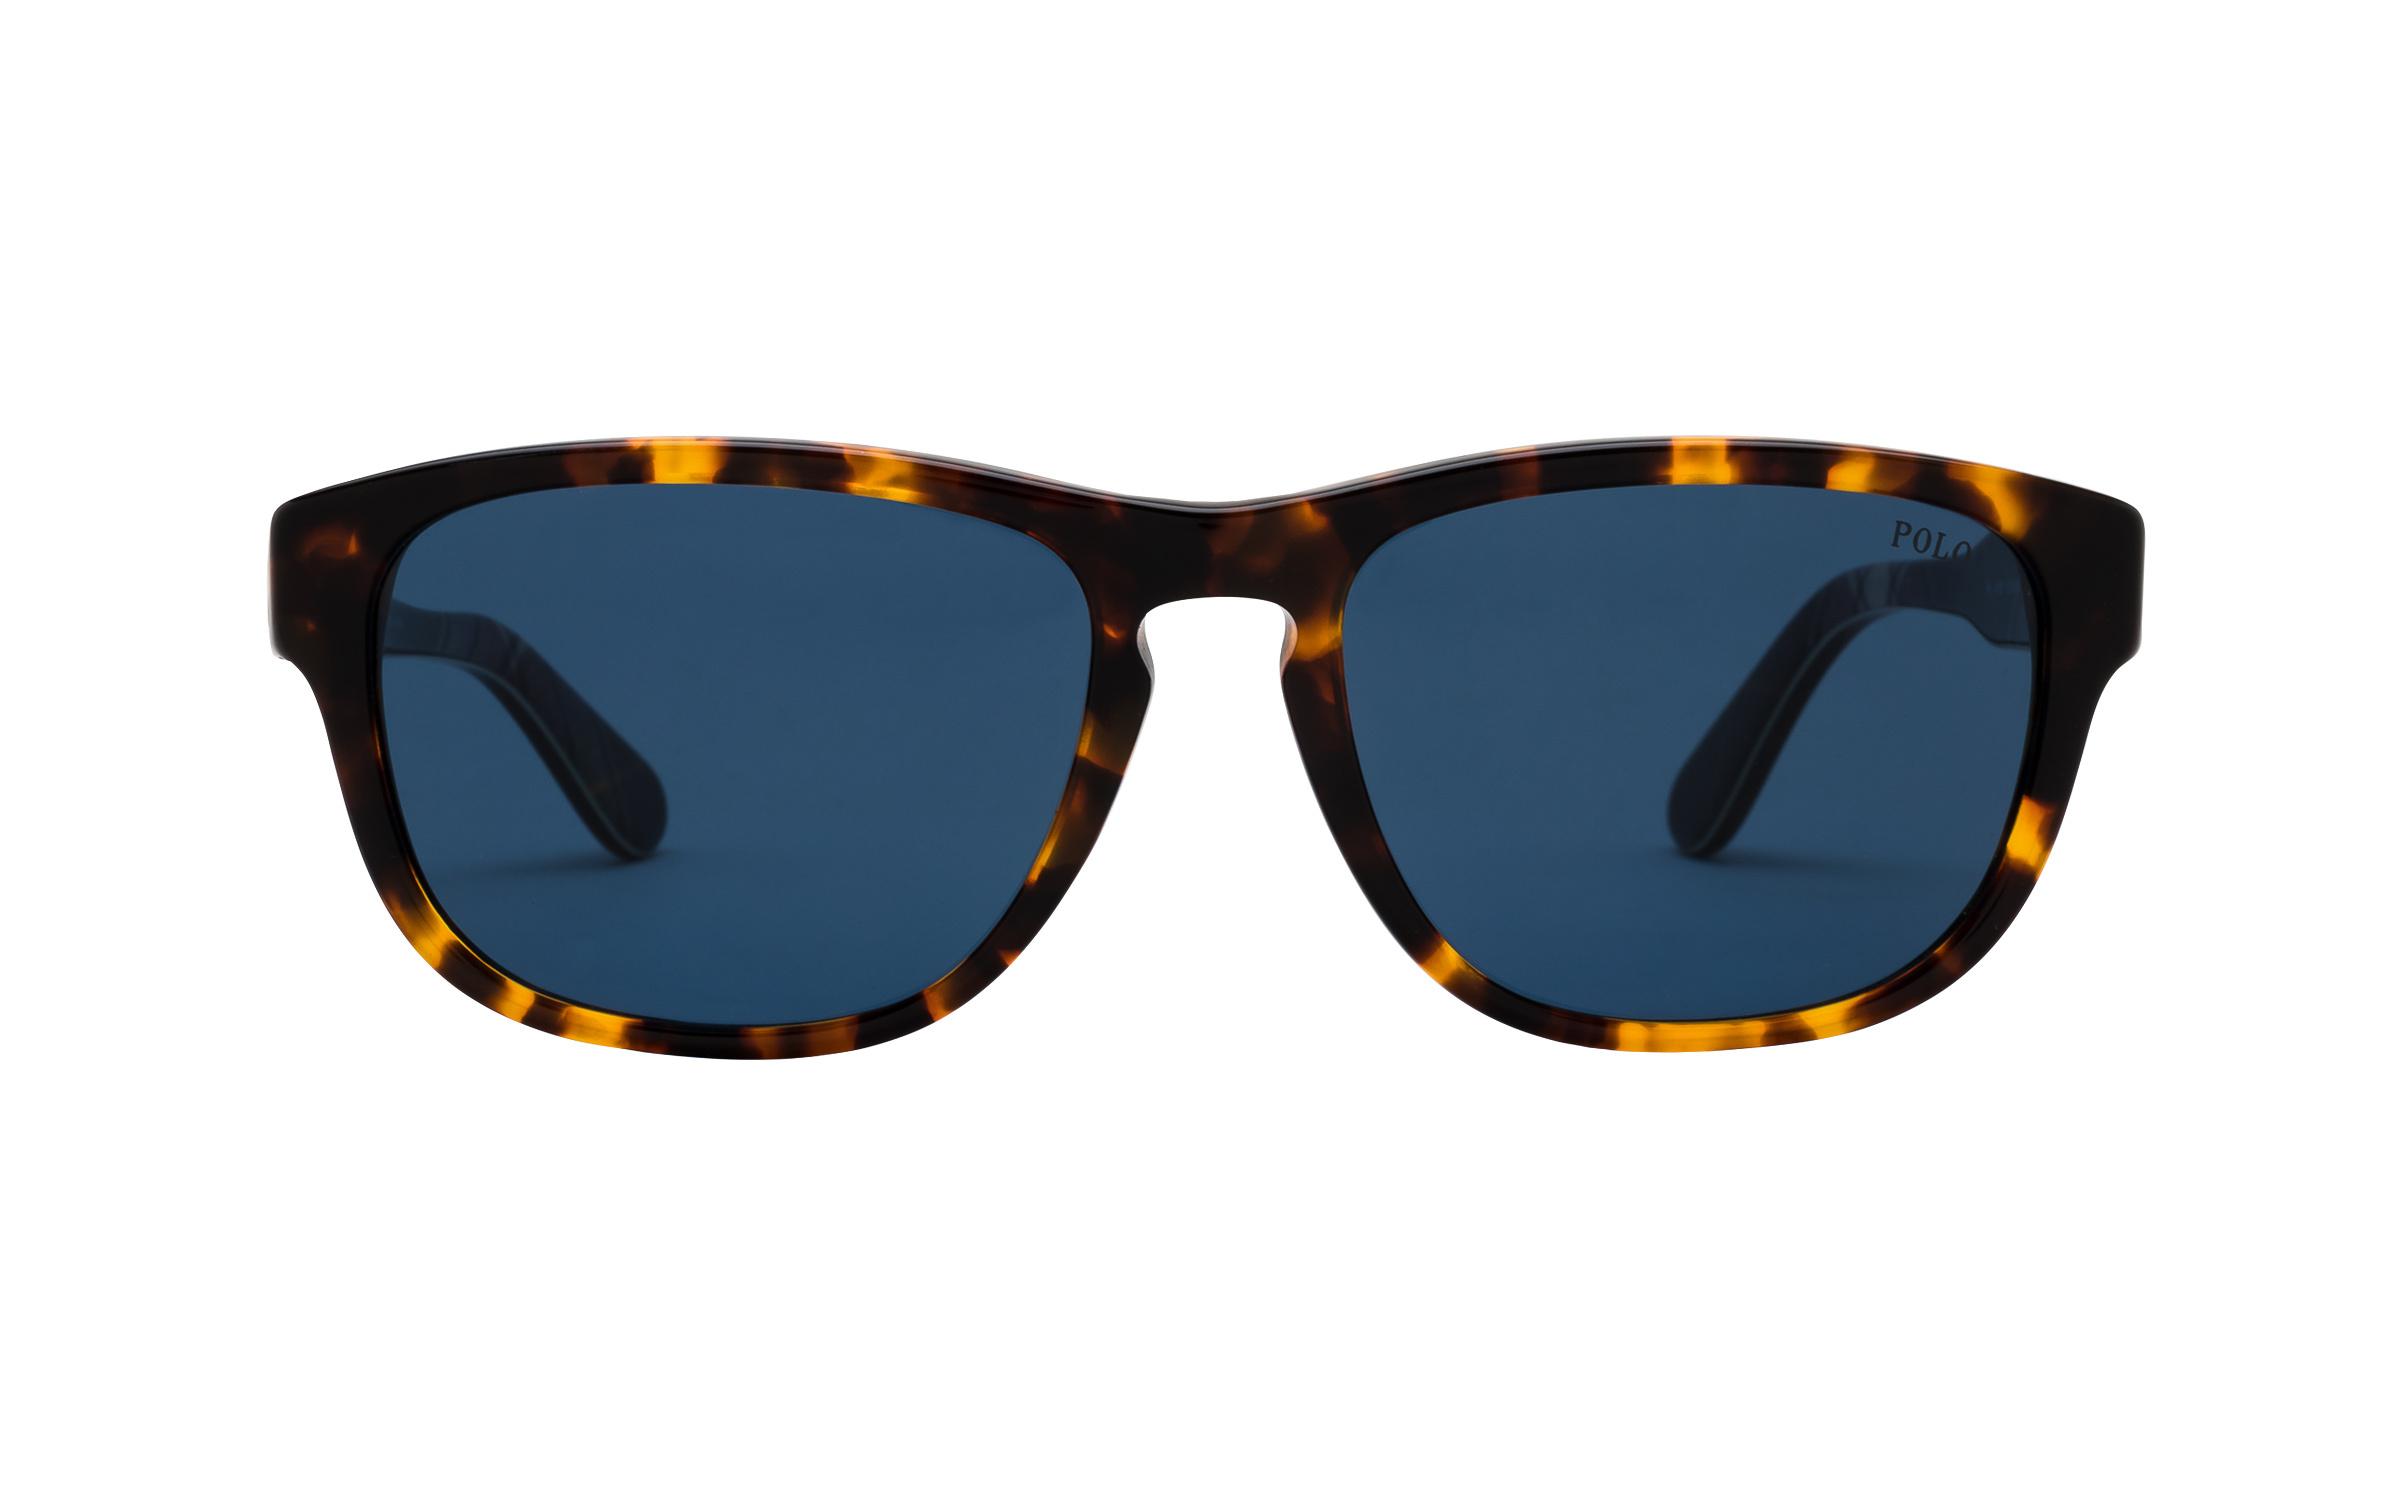 Luxottica Polo Ralph Lauren PH4158 513480 55 Sunglasses in Antique Tortoise | Acetate - Online Coastal